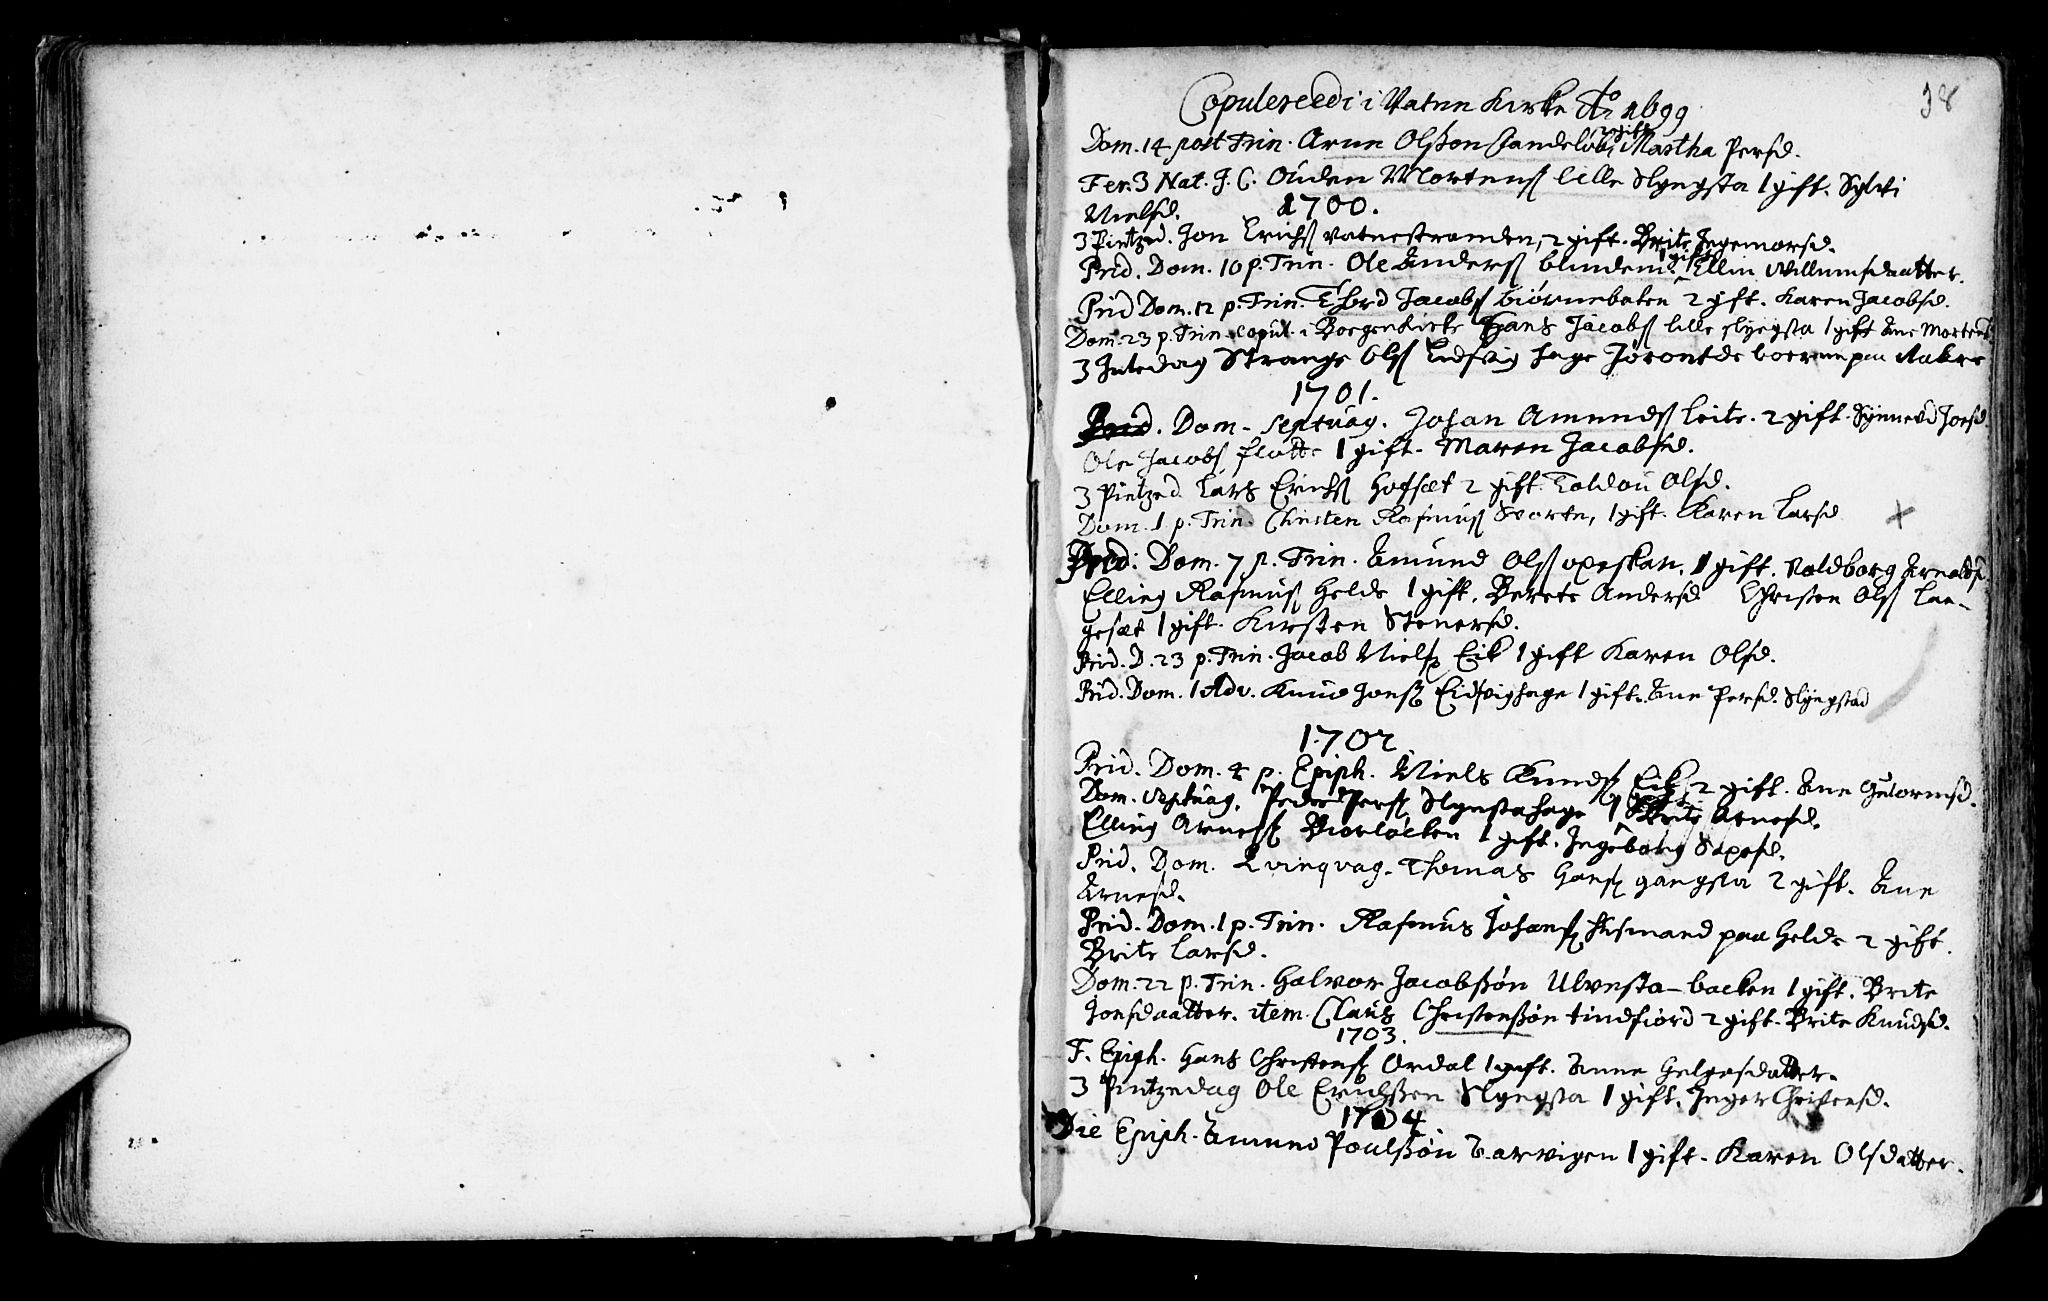 SAT, Ministerialprotokoller, klokkerbøker og fødselsregistre - Møre og Romsdal, 525/L0371: Ministerialbok nr. 525A01, 1699-1777, s. 37